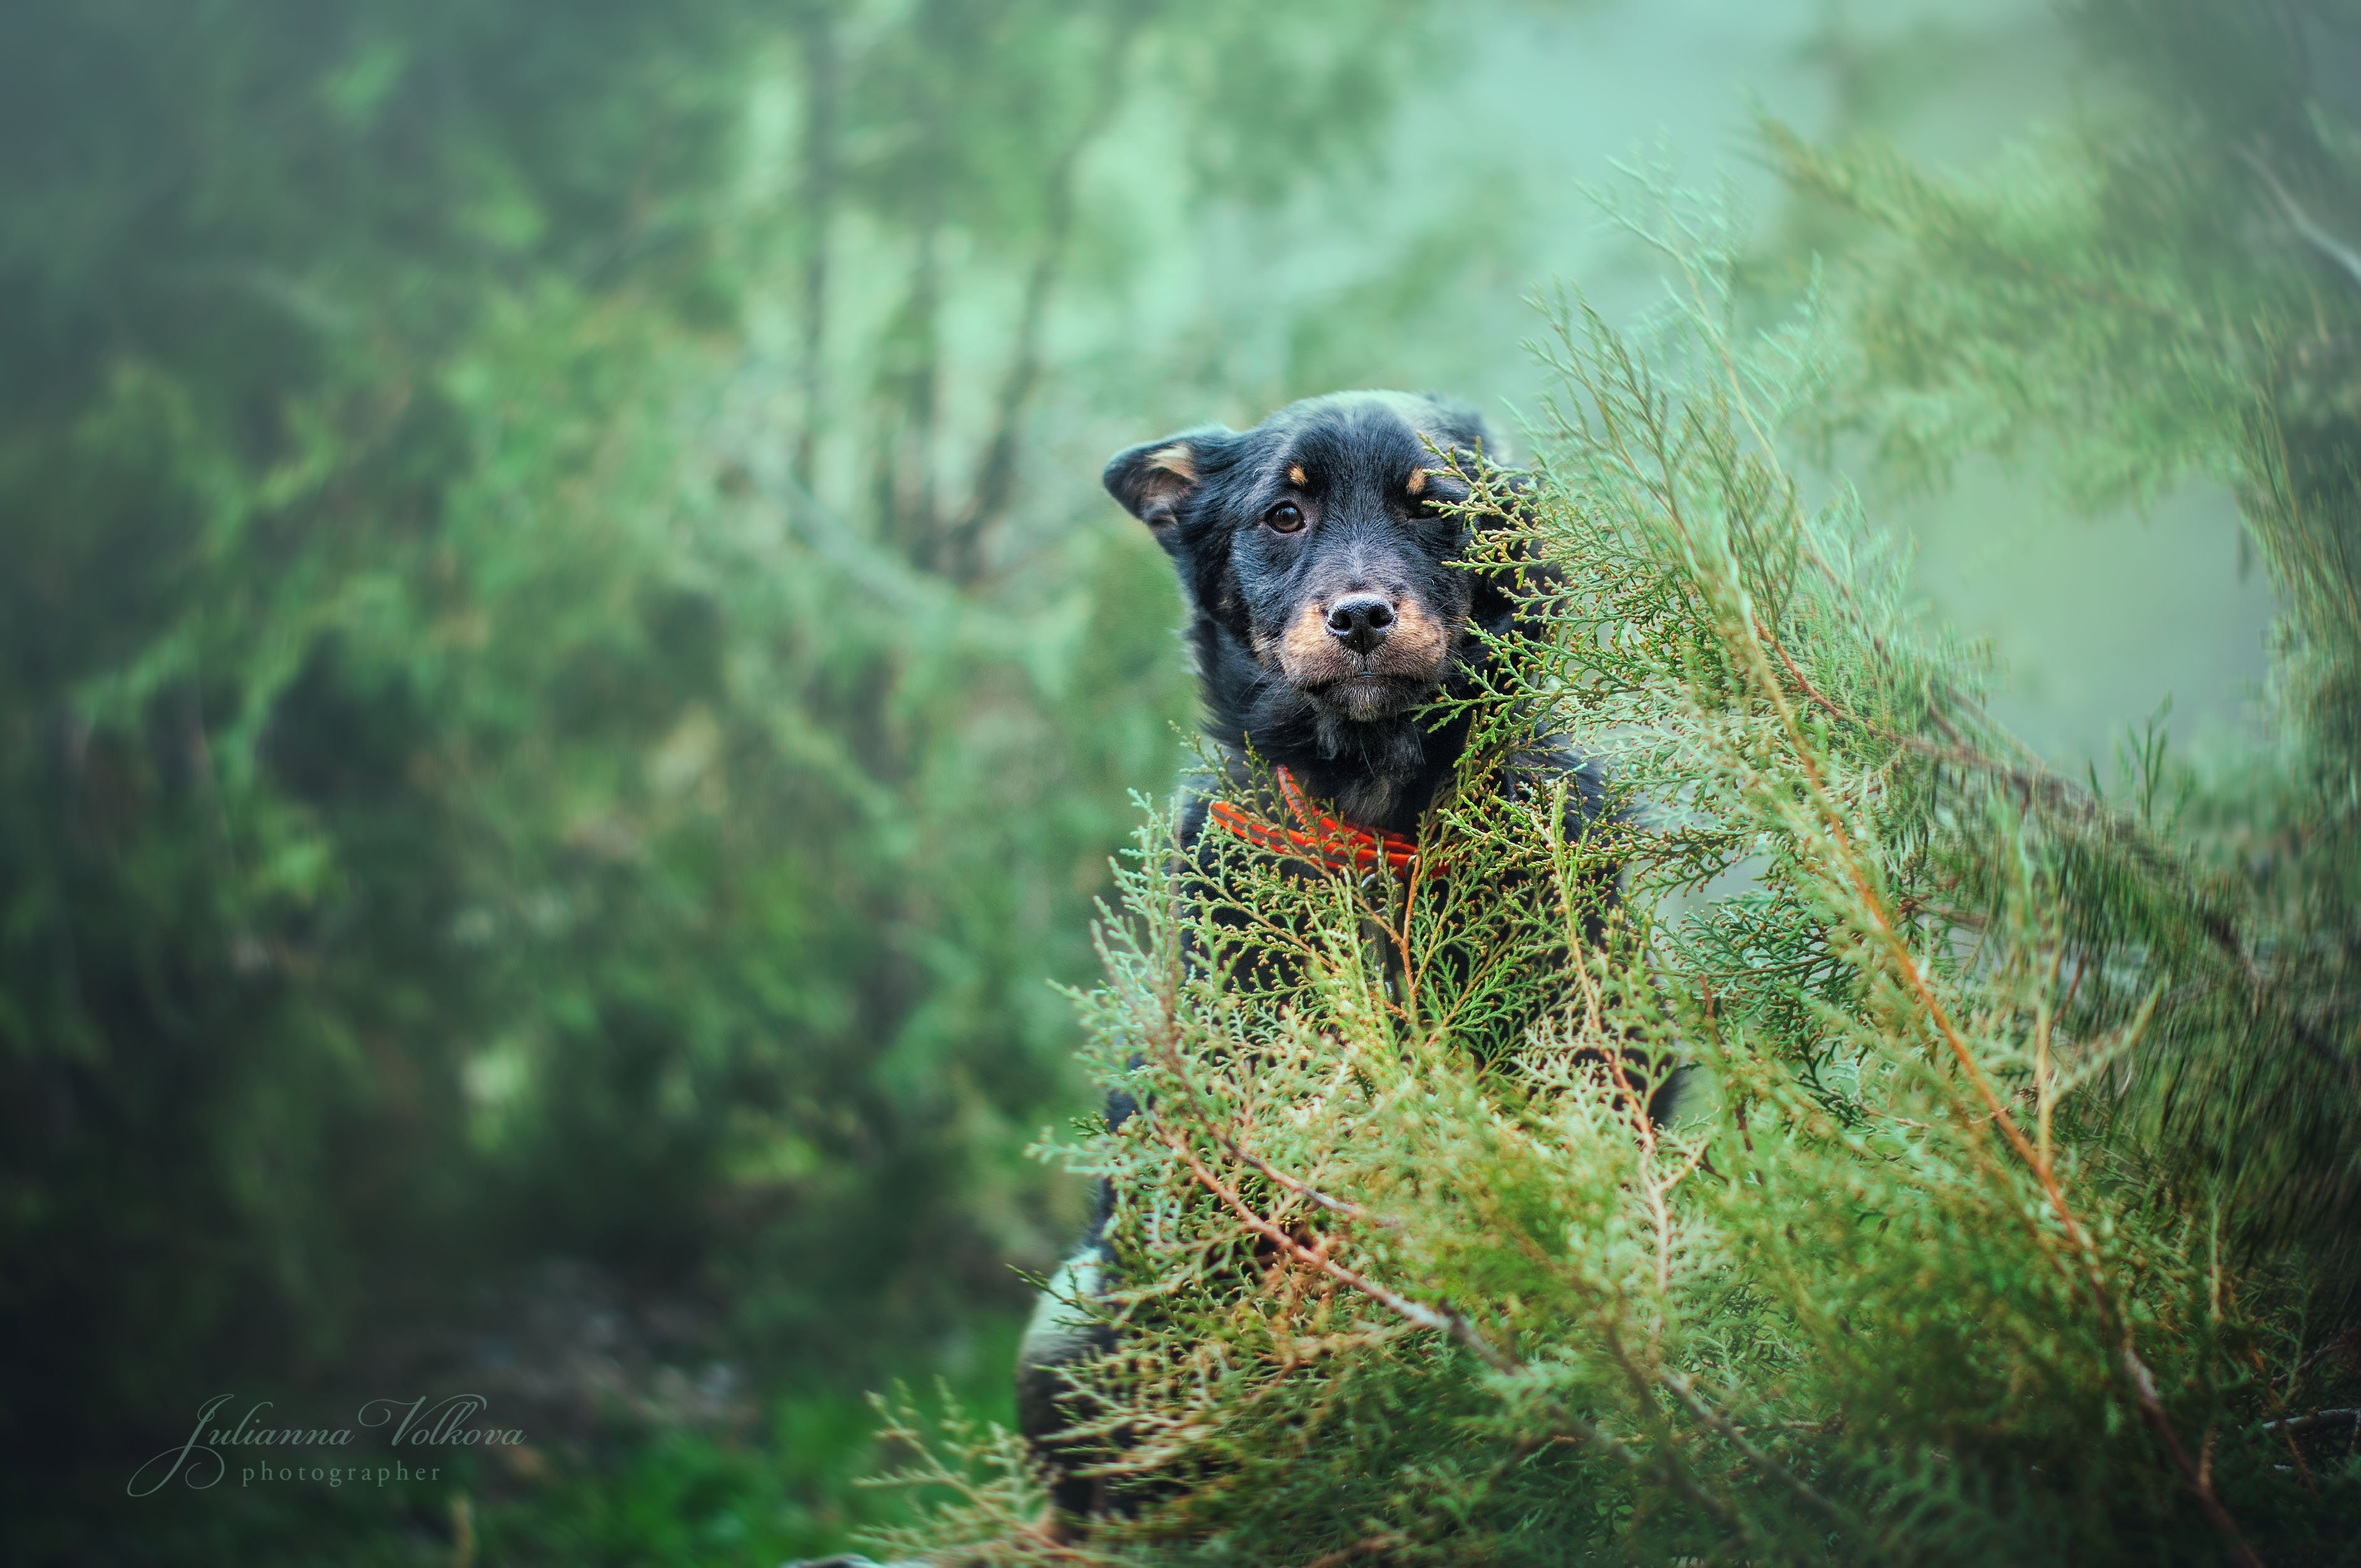 собаки,щенки, фотограф-анималист, природа, животные, Волкова Юлианна